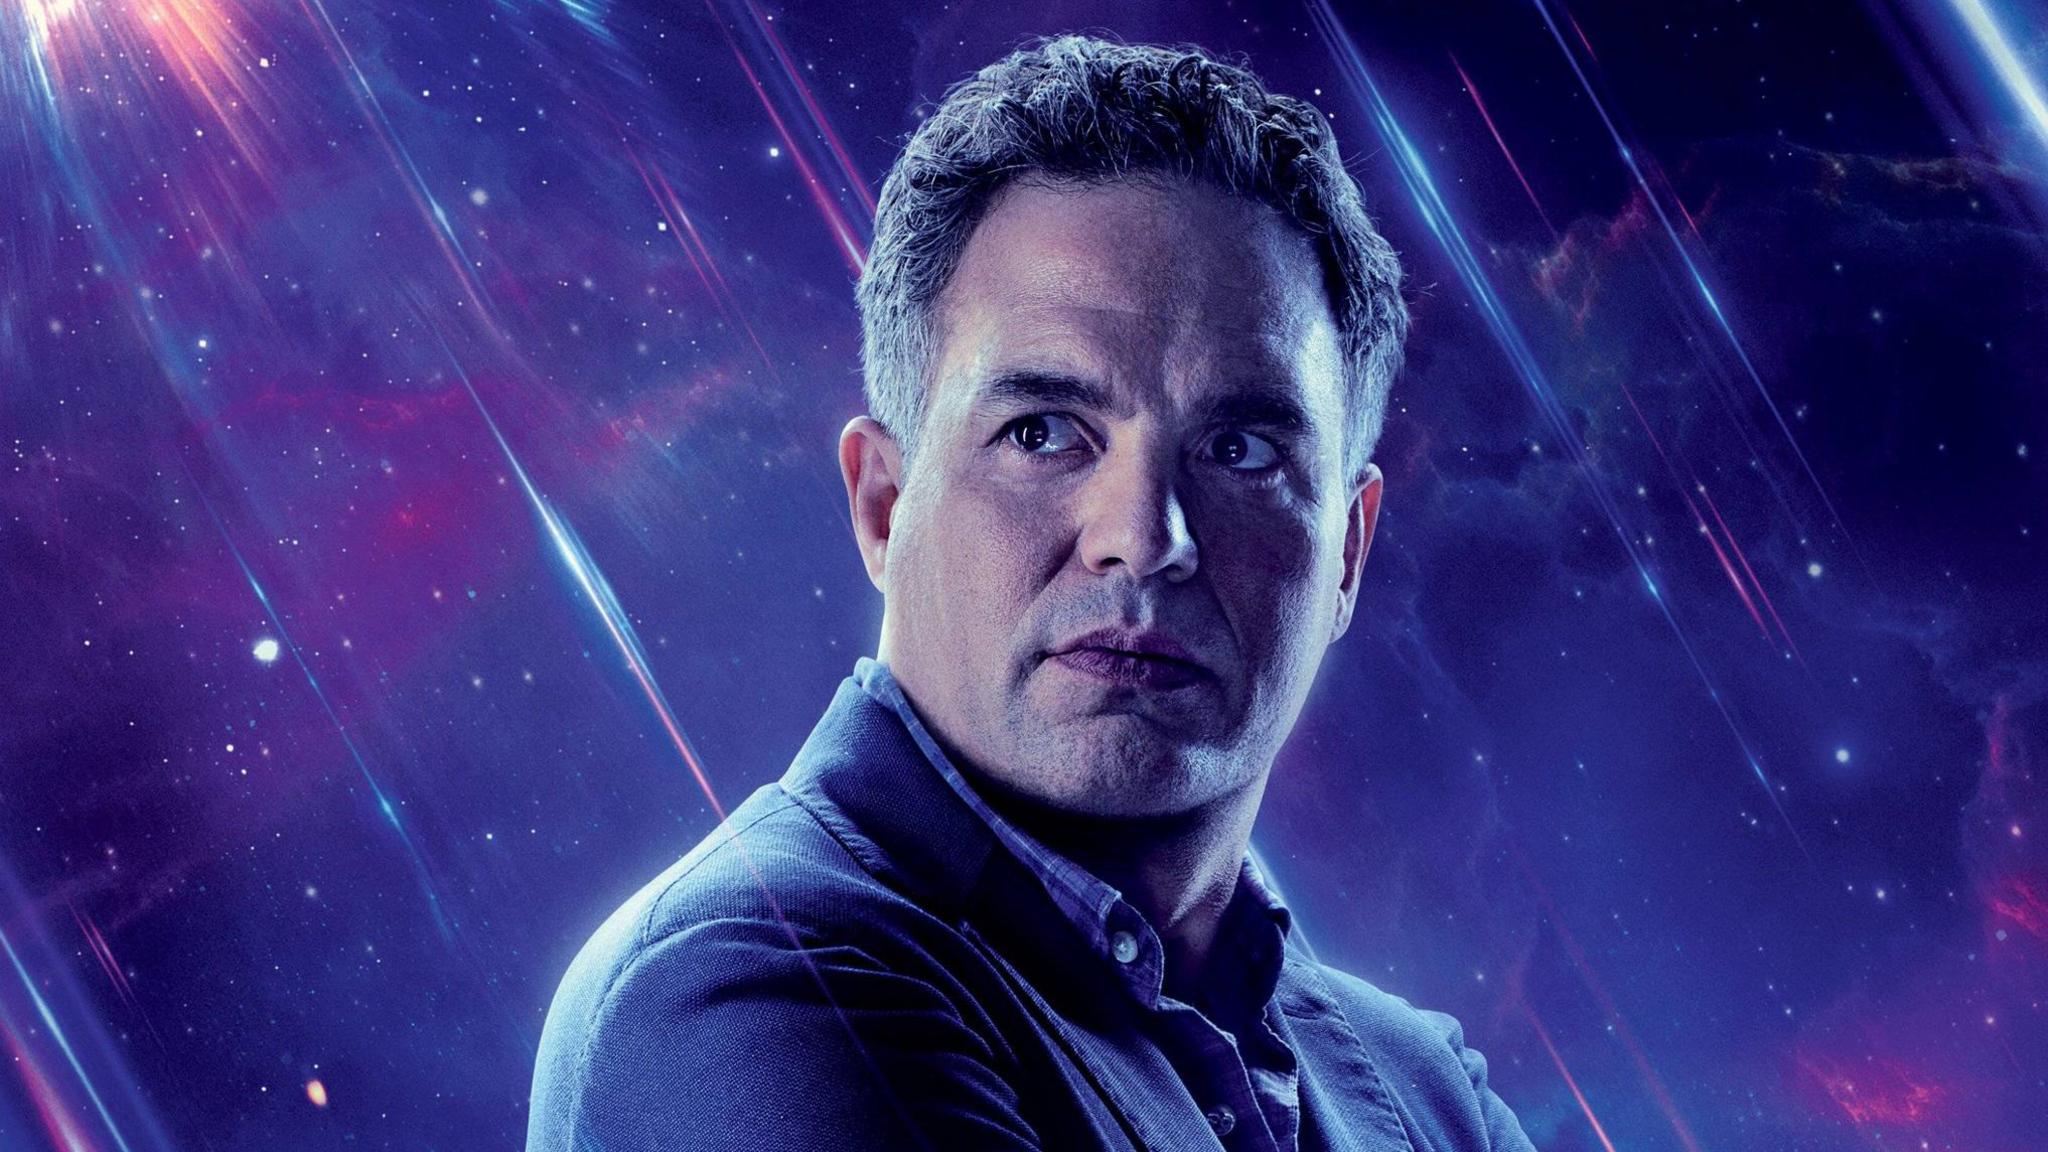 2048x1152 Bruce Banner Avengers Endgame 2019 2048x1152